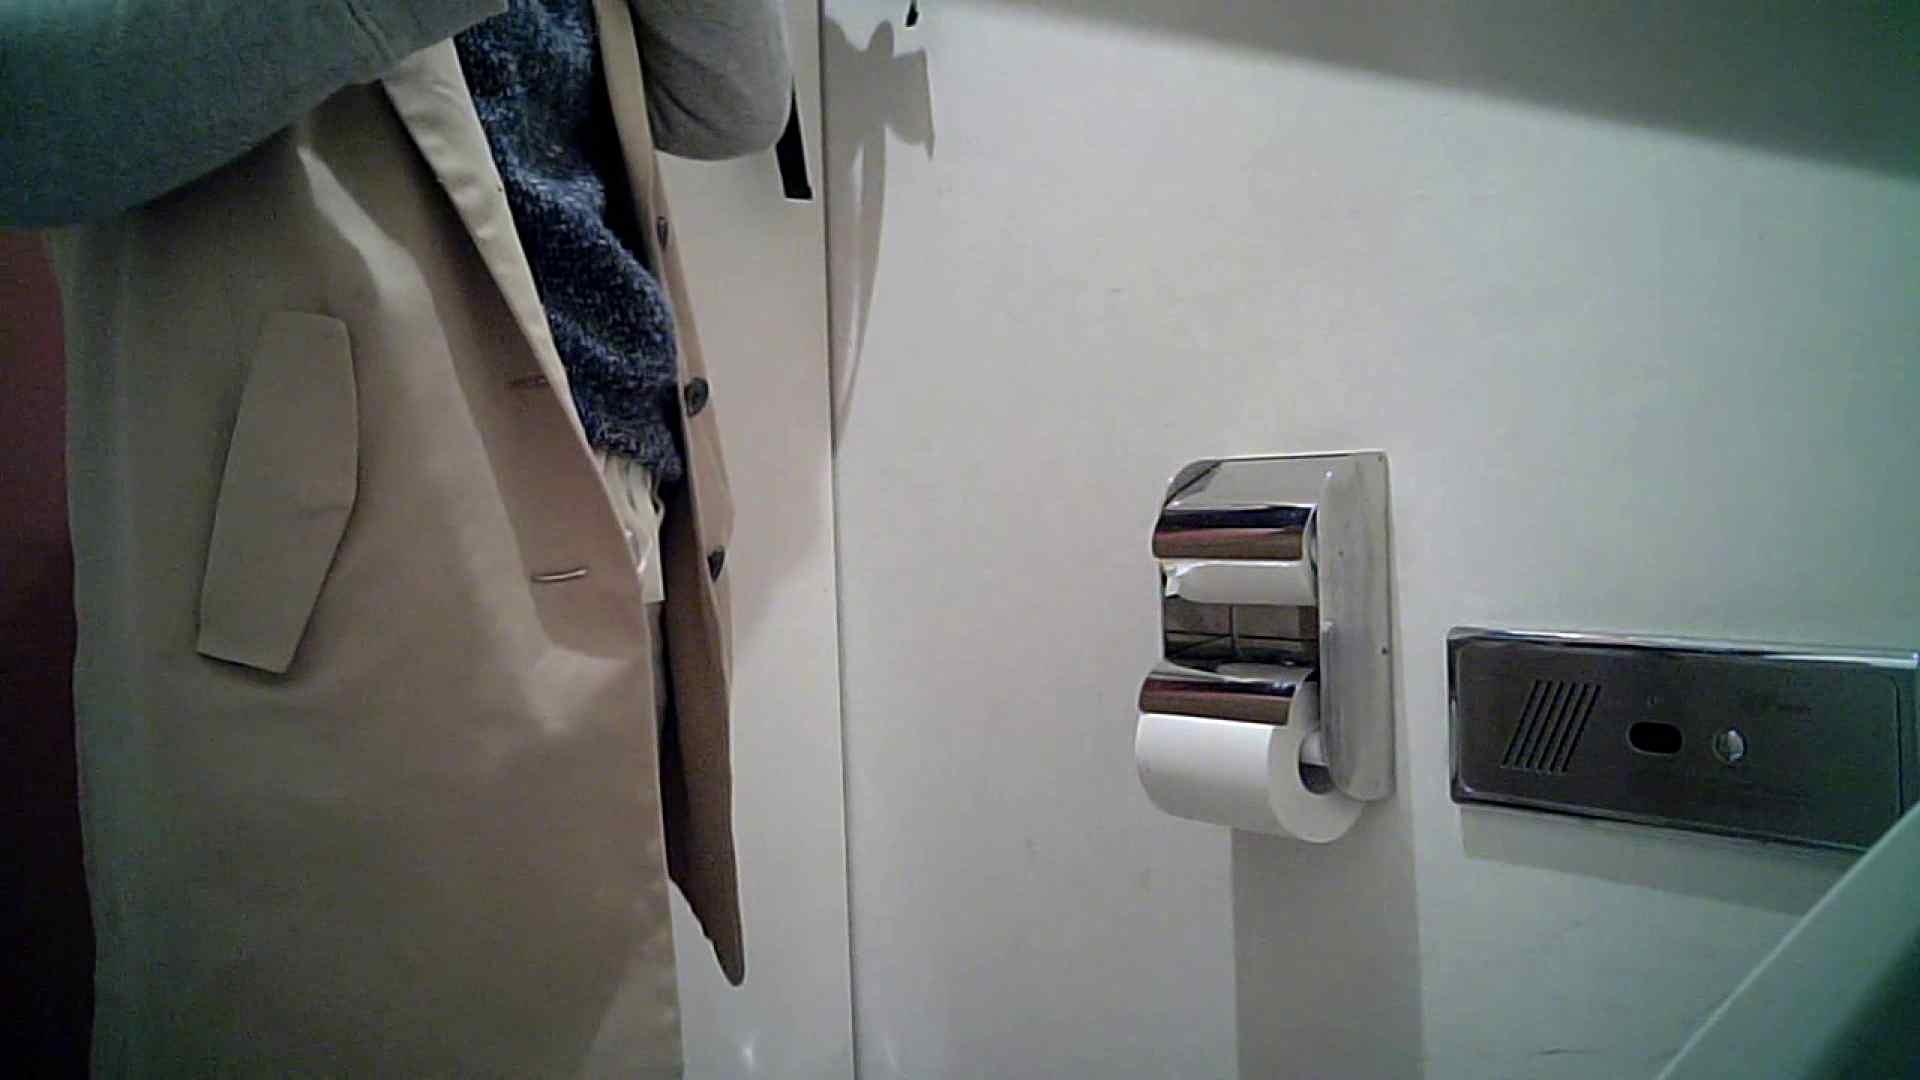 某有名大学女性洗面所 vol.26 和式 盗撮 107PIX 78